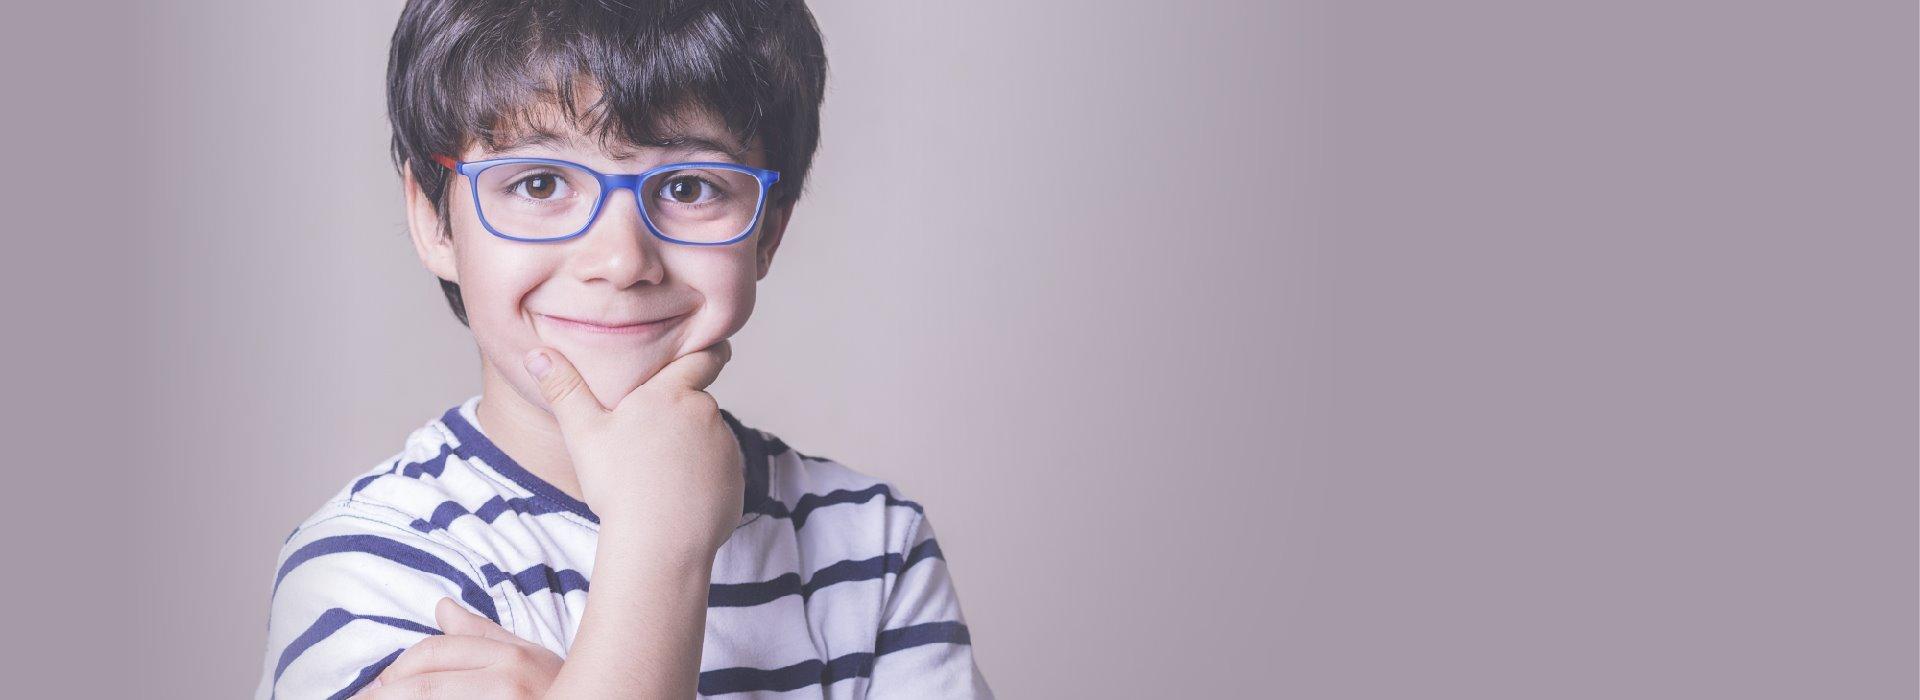 Comment choisir vos lunettes de vue pour bébé et enfant   - Vue d Enfant 78e60f303462